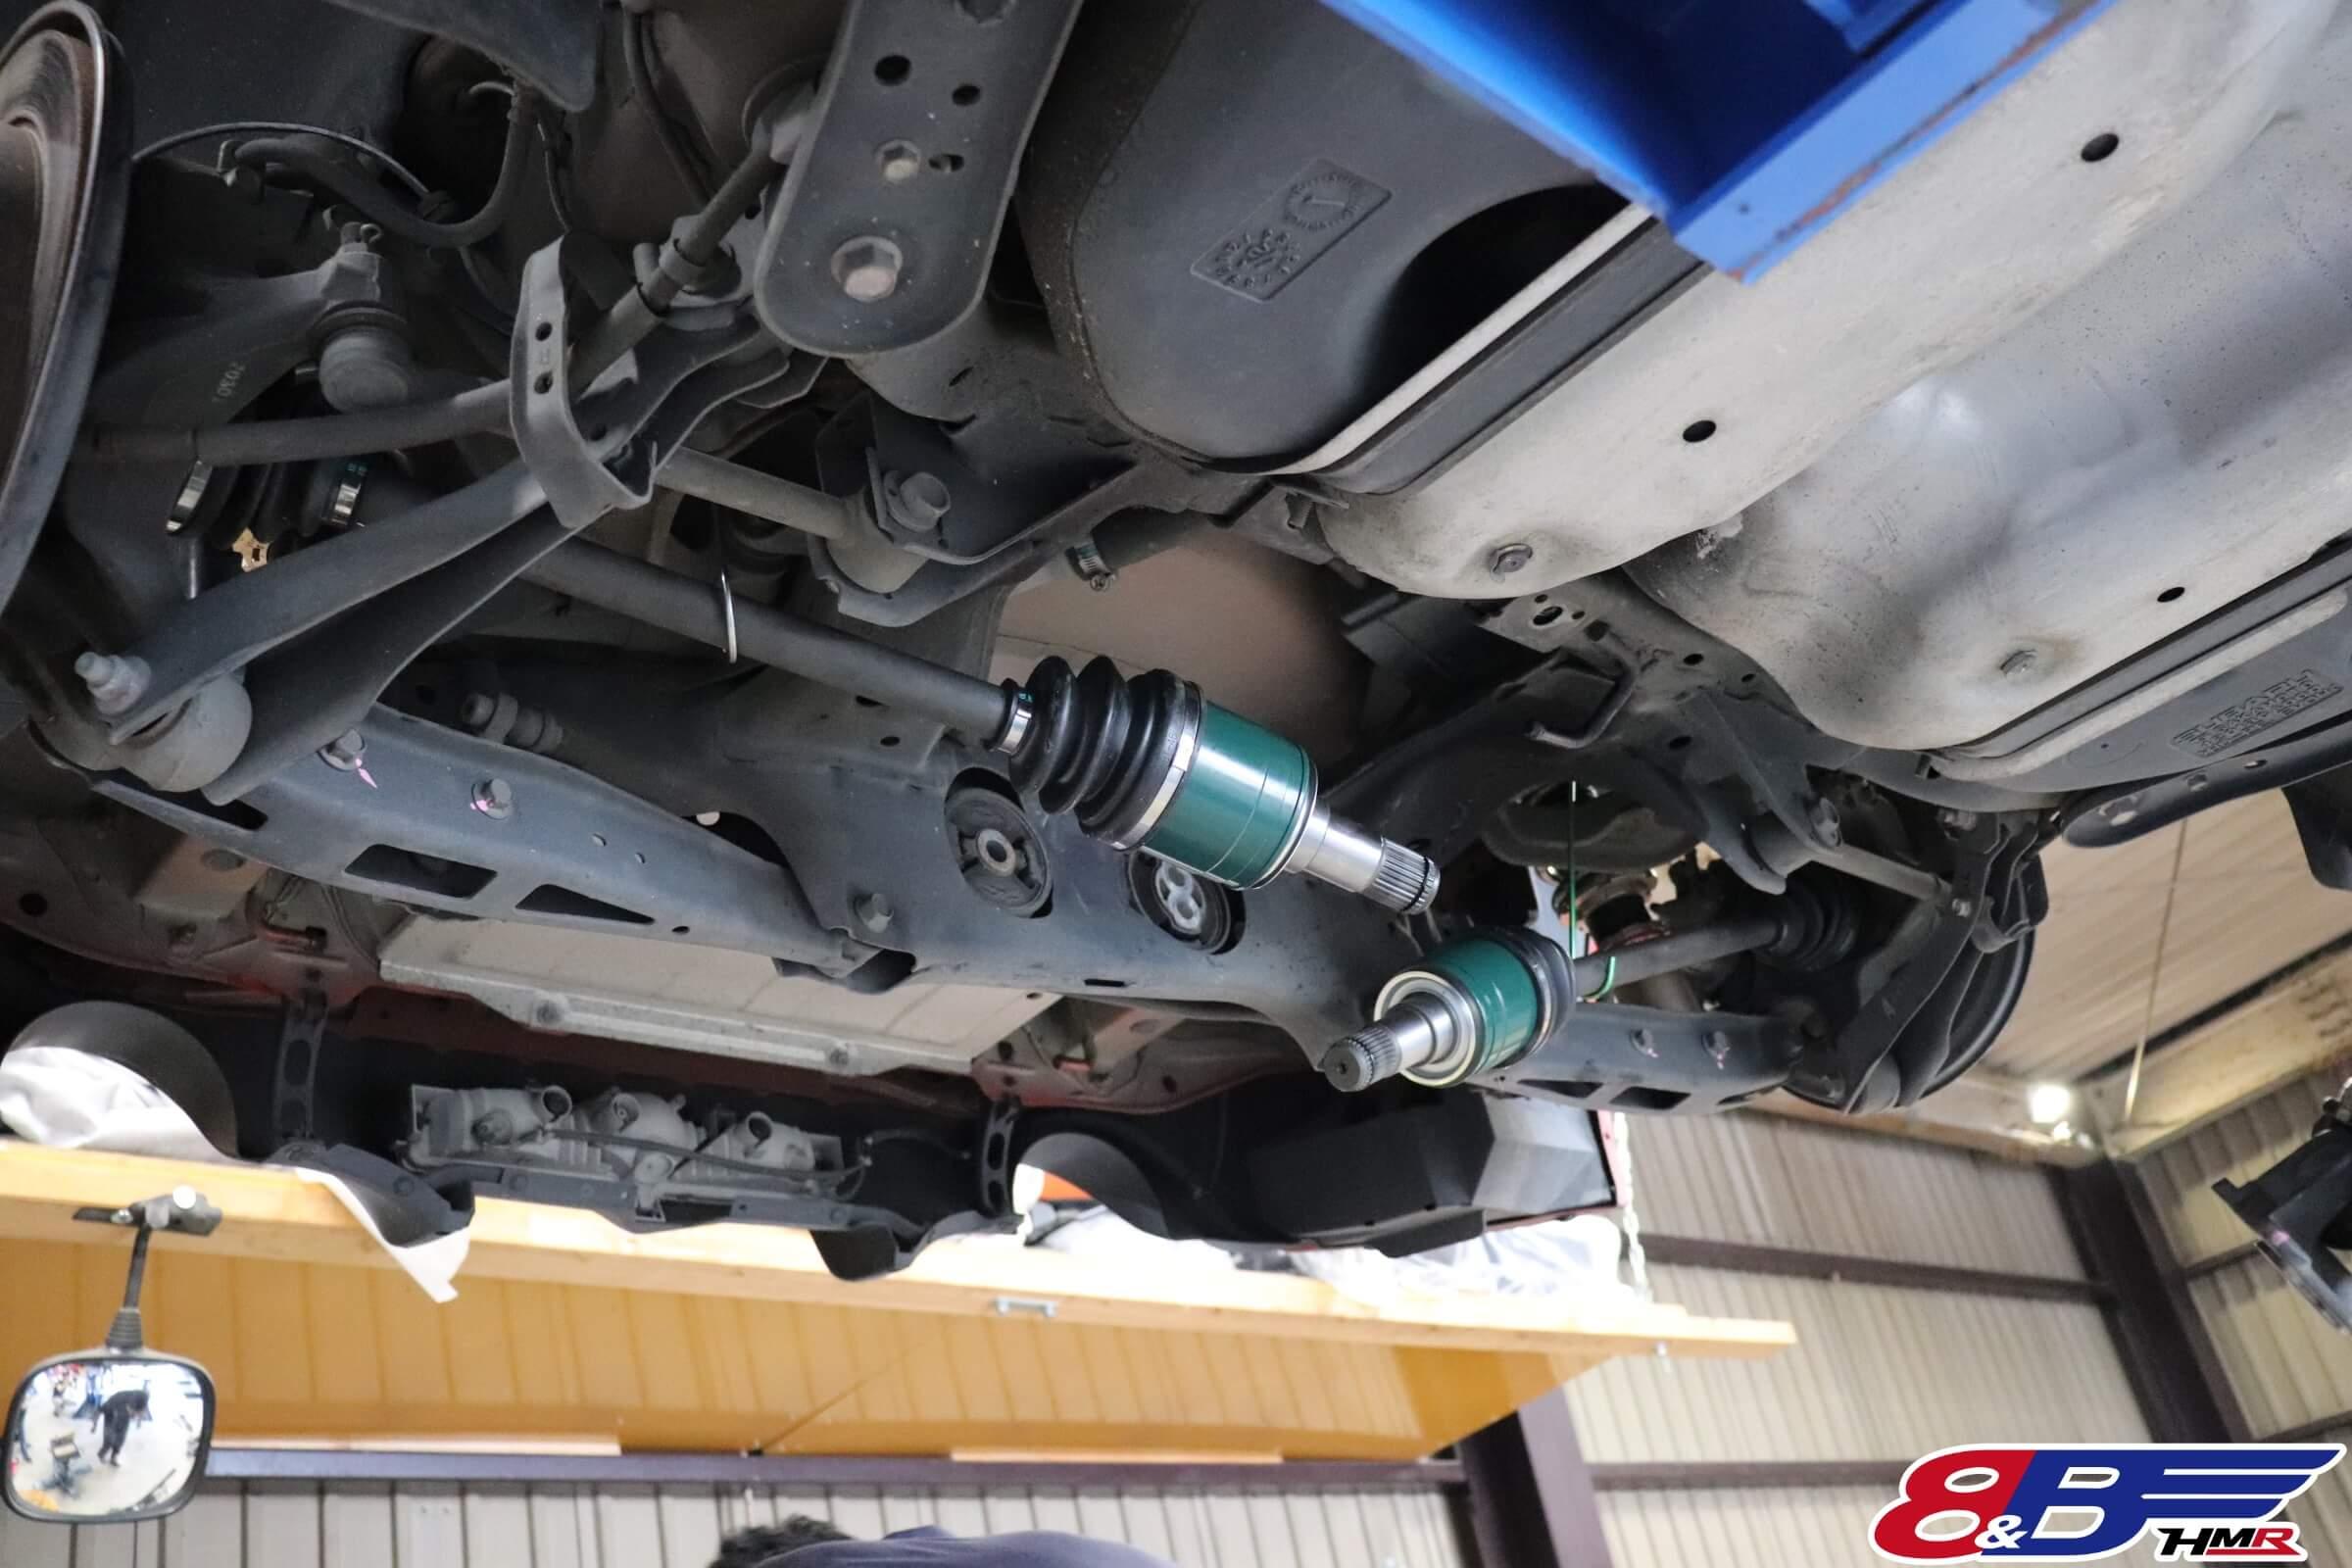 86(ZN6)クルマドーカスタム強化ドライブシャフト交換